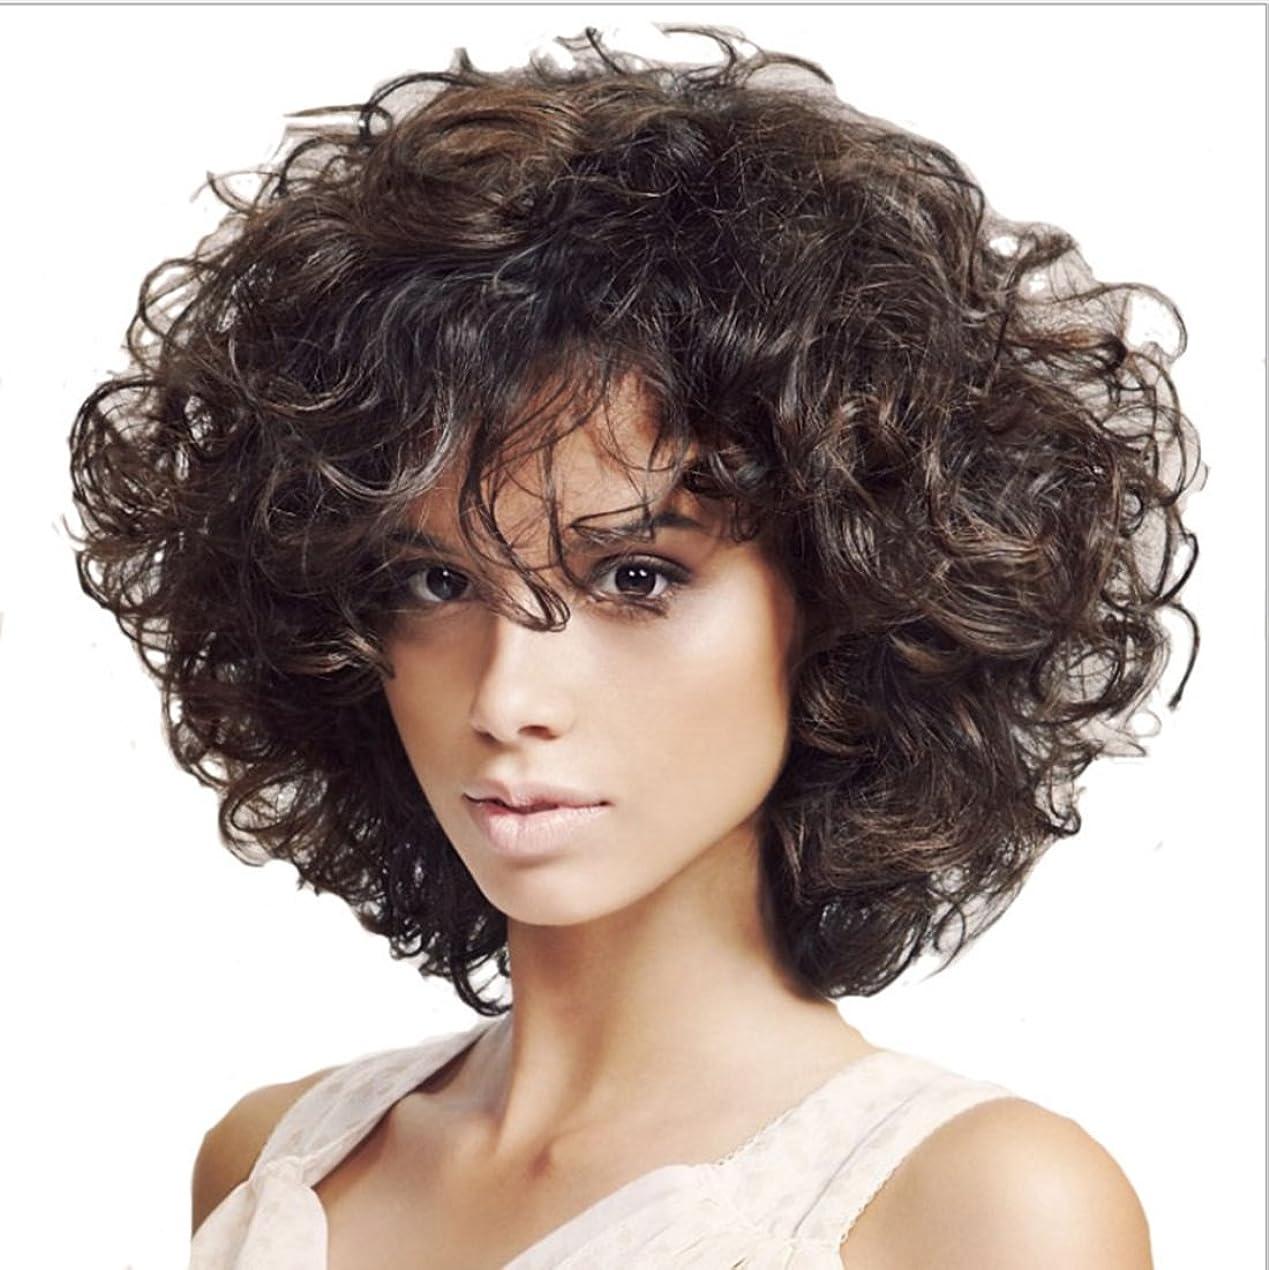 混雑手書きアイザックKoloeplf 女性のための13inch高温のかつら部分的なバグのウィッグの短い縮毛髪耐熱性のためのふわふわした小さいウィッグ(ダークブラウン) (Color : Dark brown)